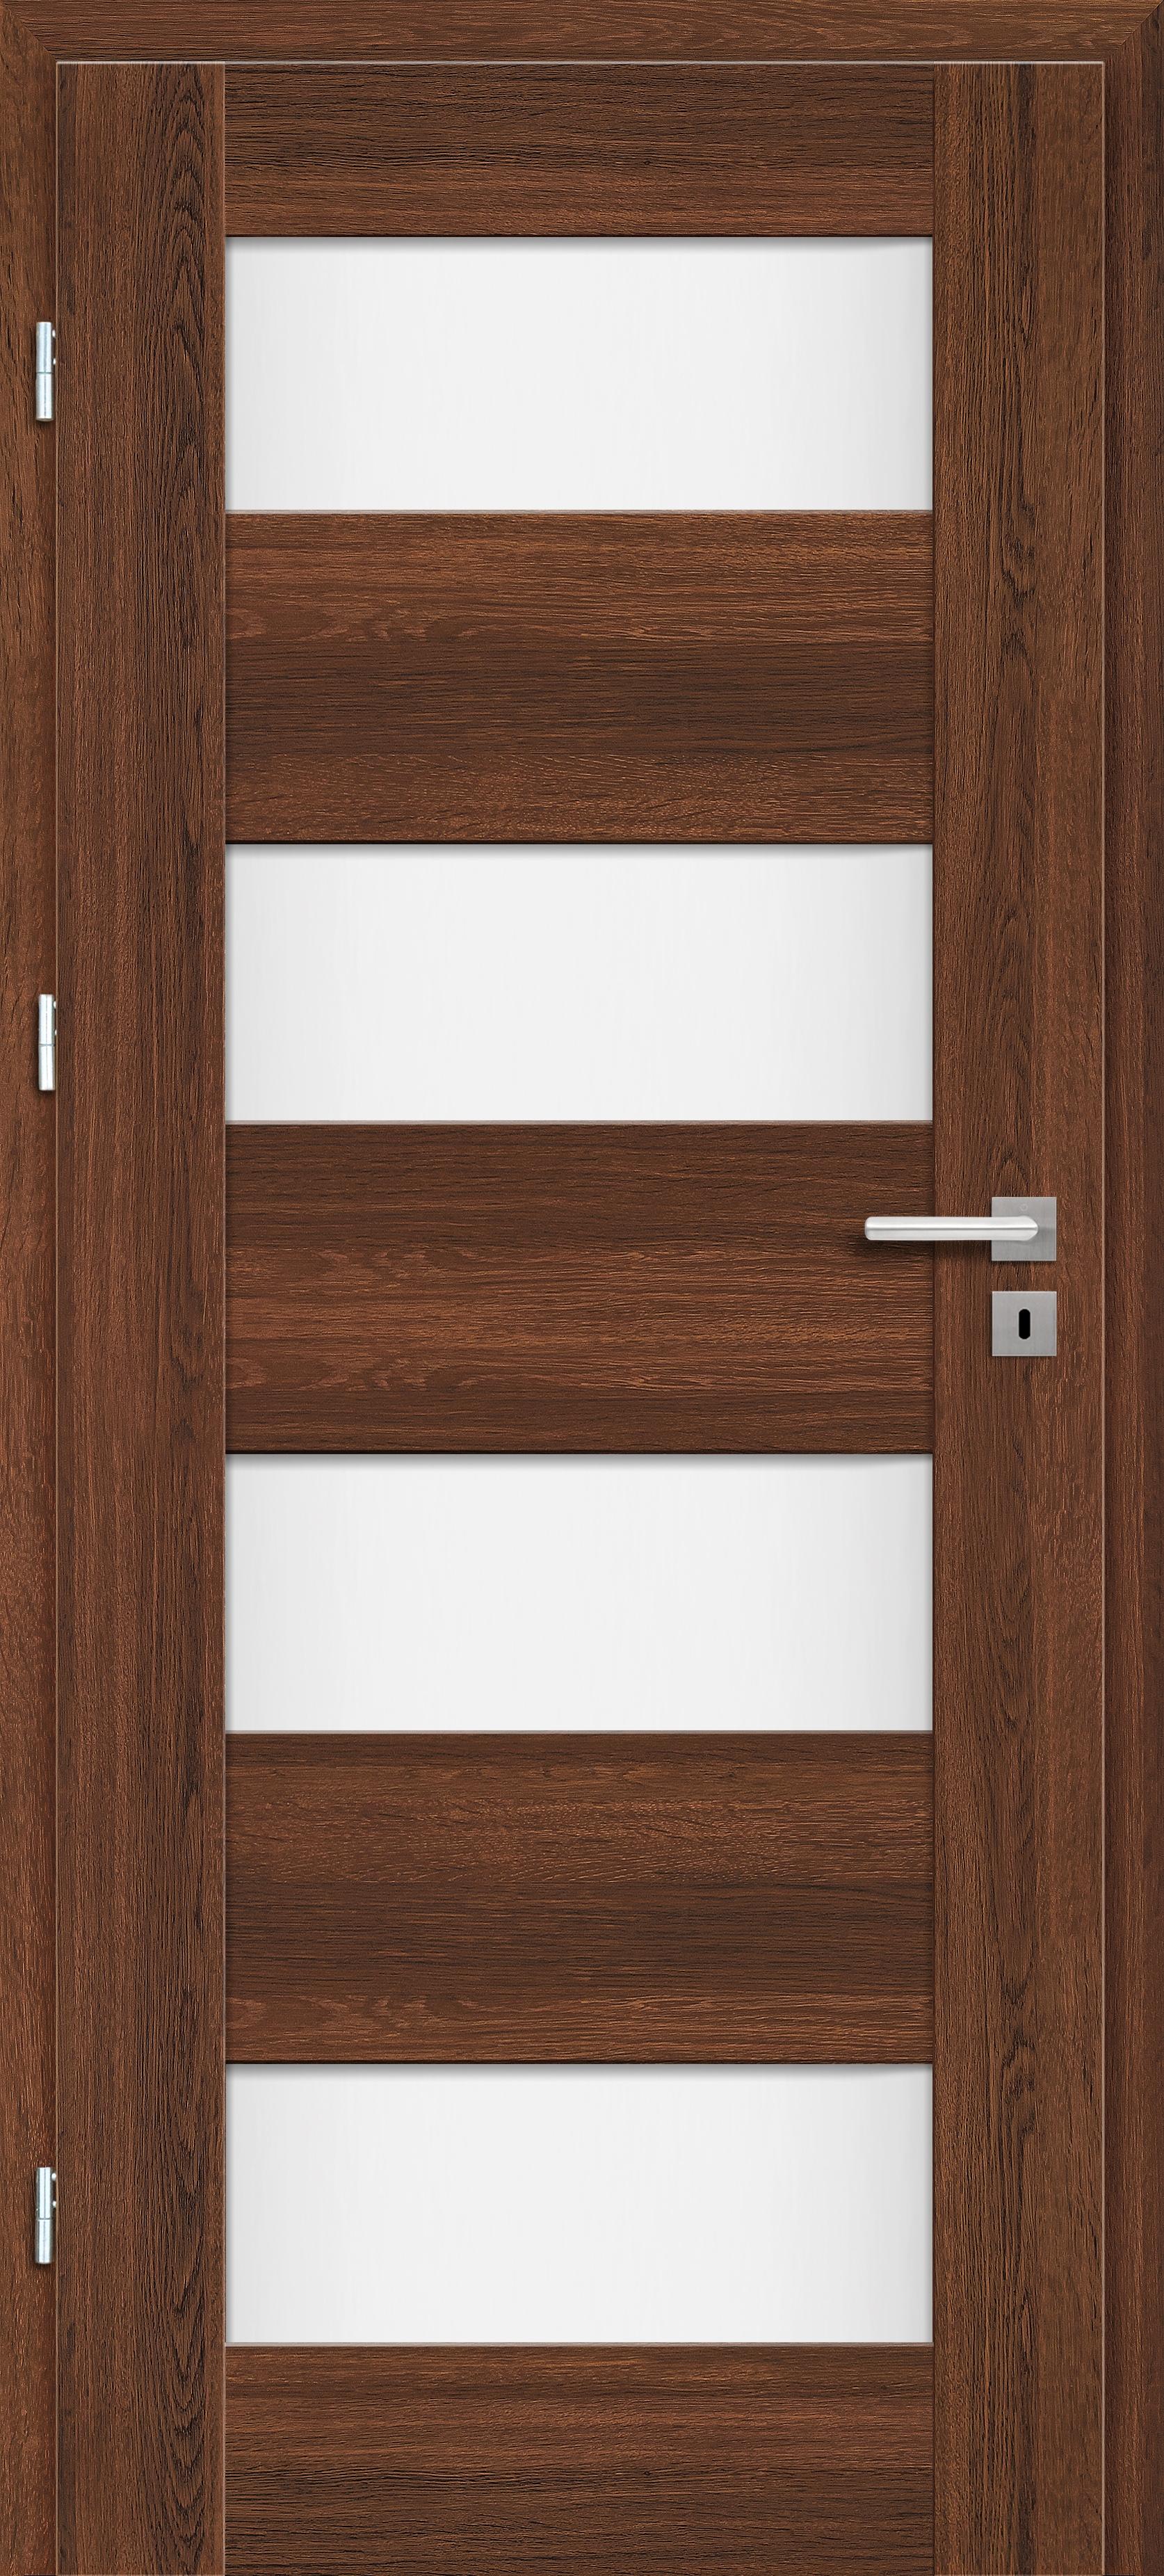 Interiérové dveře Erkado Debecie Premium/CPL - s obkladem kovové zárubně